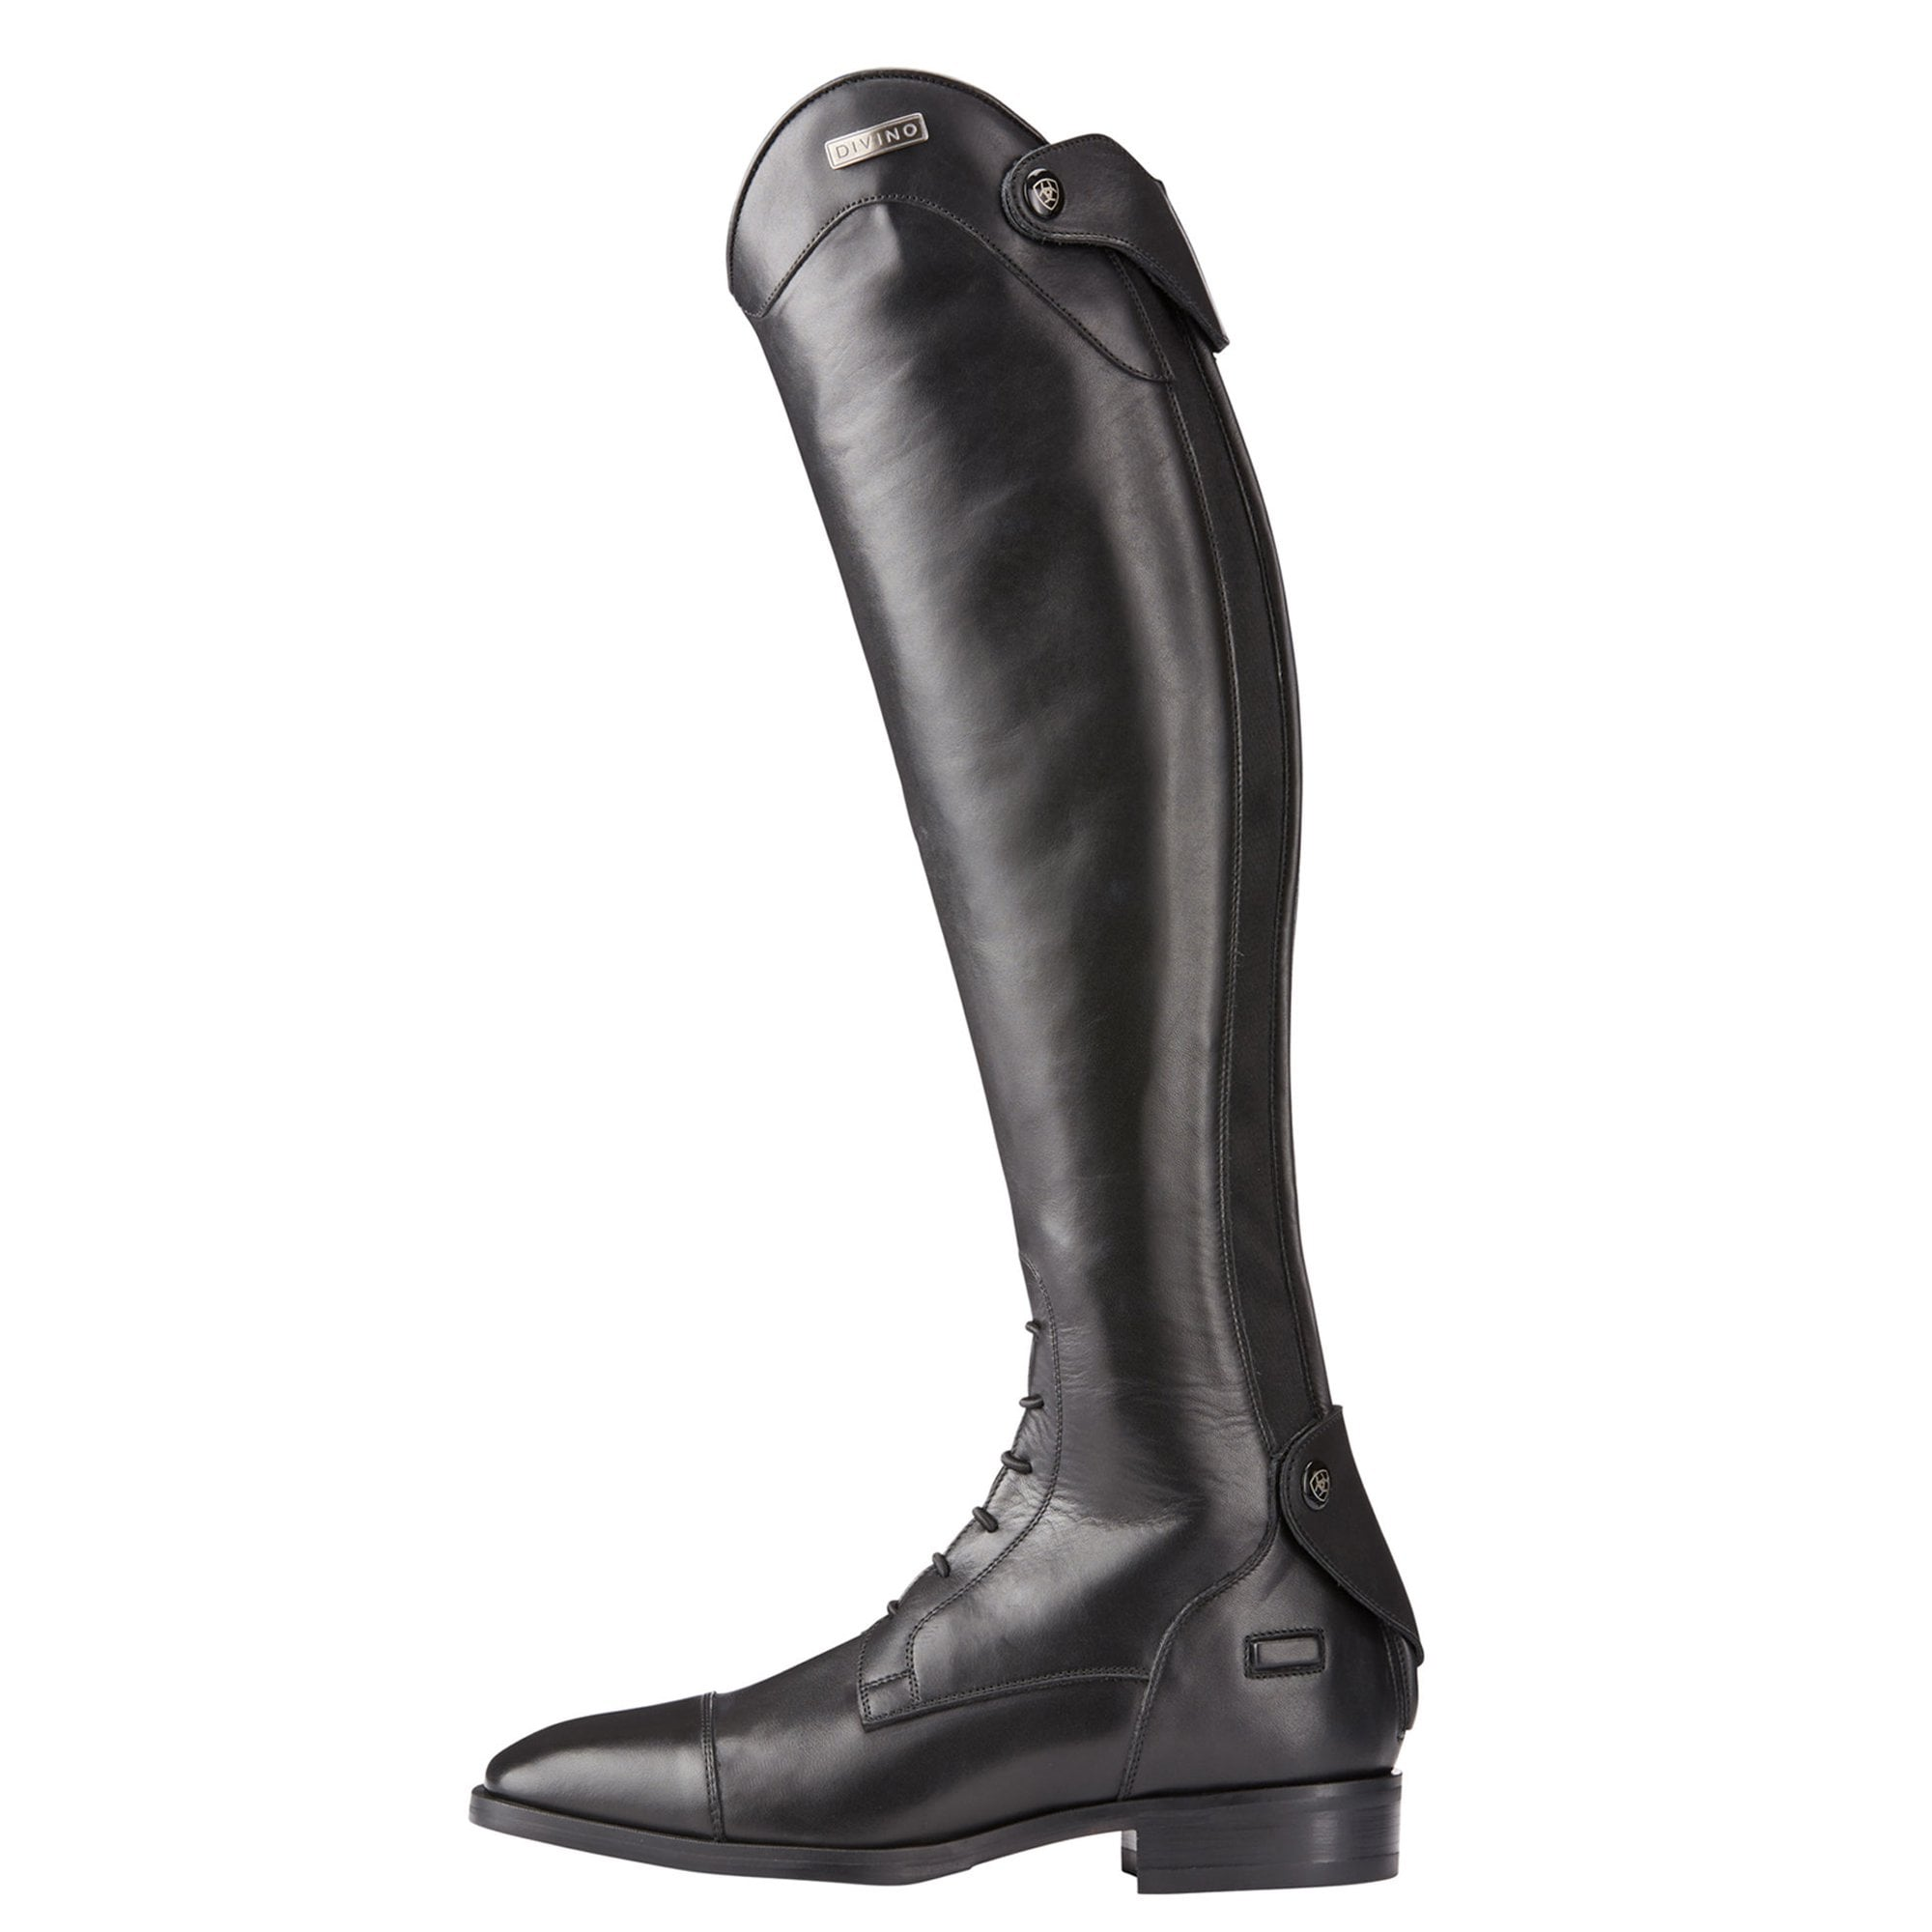 9c186c942cc2 Ariat Divino Tall Riding Boot